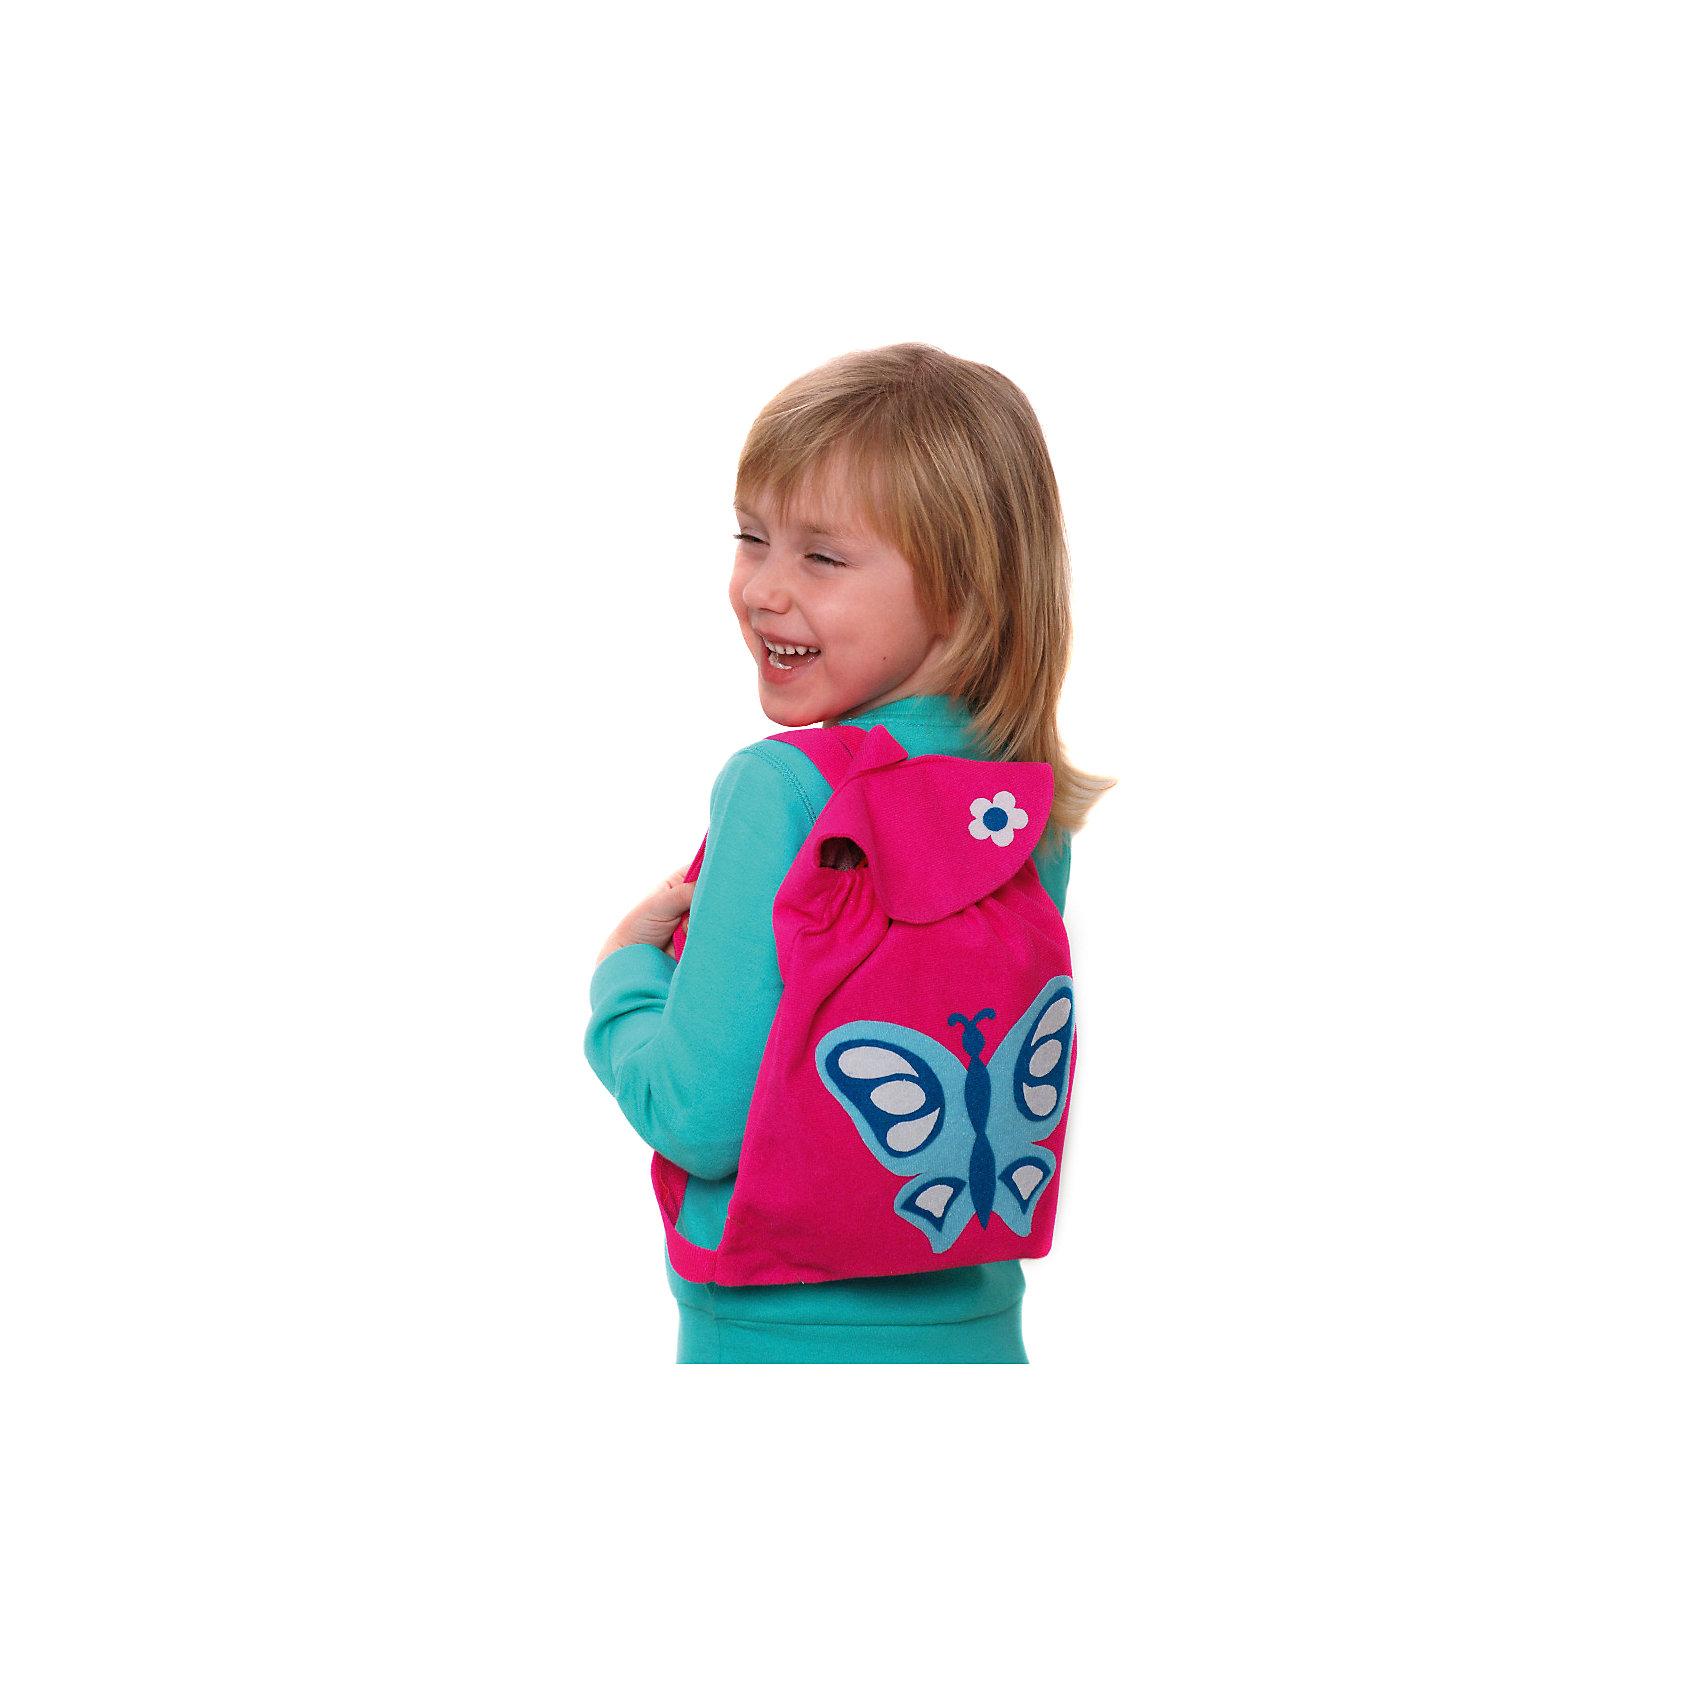 Стигис-аппликация Рюкзак детский, розовыйШитьё<br>С помощью набора для стигис-аппликации ребенок сможет создать себе уникальный рюкзачок с собственным дизайном.  Для создания красивой аппликации нужно  лишь придумать желаемый рисунок, нарисовать его на stigis-ткани, вырезать, приложить к рюкзаку и прогладить утюгом. Если готовая аппликация не понравилась, ее можно легко удалить, прогладив утюгом еще раз. Все материалы гипоаллергенны и безопасны. Такое творчество развивает усидчивость, аккуратность и дизайнерские способности ребенка. Прекрасный выбор для начинающих дизайнеров!<br><br>Дополнительная информация:<br>В комплекте: рюкзачок, stigis-ткань, выкройки, инструкция<br>Цвет: розовый<br>Размер: 3,5х27х20 см<br>Вес: 120 грамм<br>Набор для стигис-аппликации Рюкзачок можно приобрести в нашем интернет-магазине.<br><br>Ширина мм: 200<br>Глубина мм: 270<br>Высота мм: 35<br>Вес г: 120<br>Возраст от месяцев: 36<br>Возраст до месяцев: 72<br>Пол: Унисекс<br>Возраст: Детский<br>SKU: 4939430